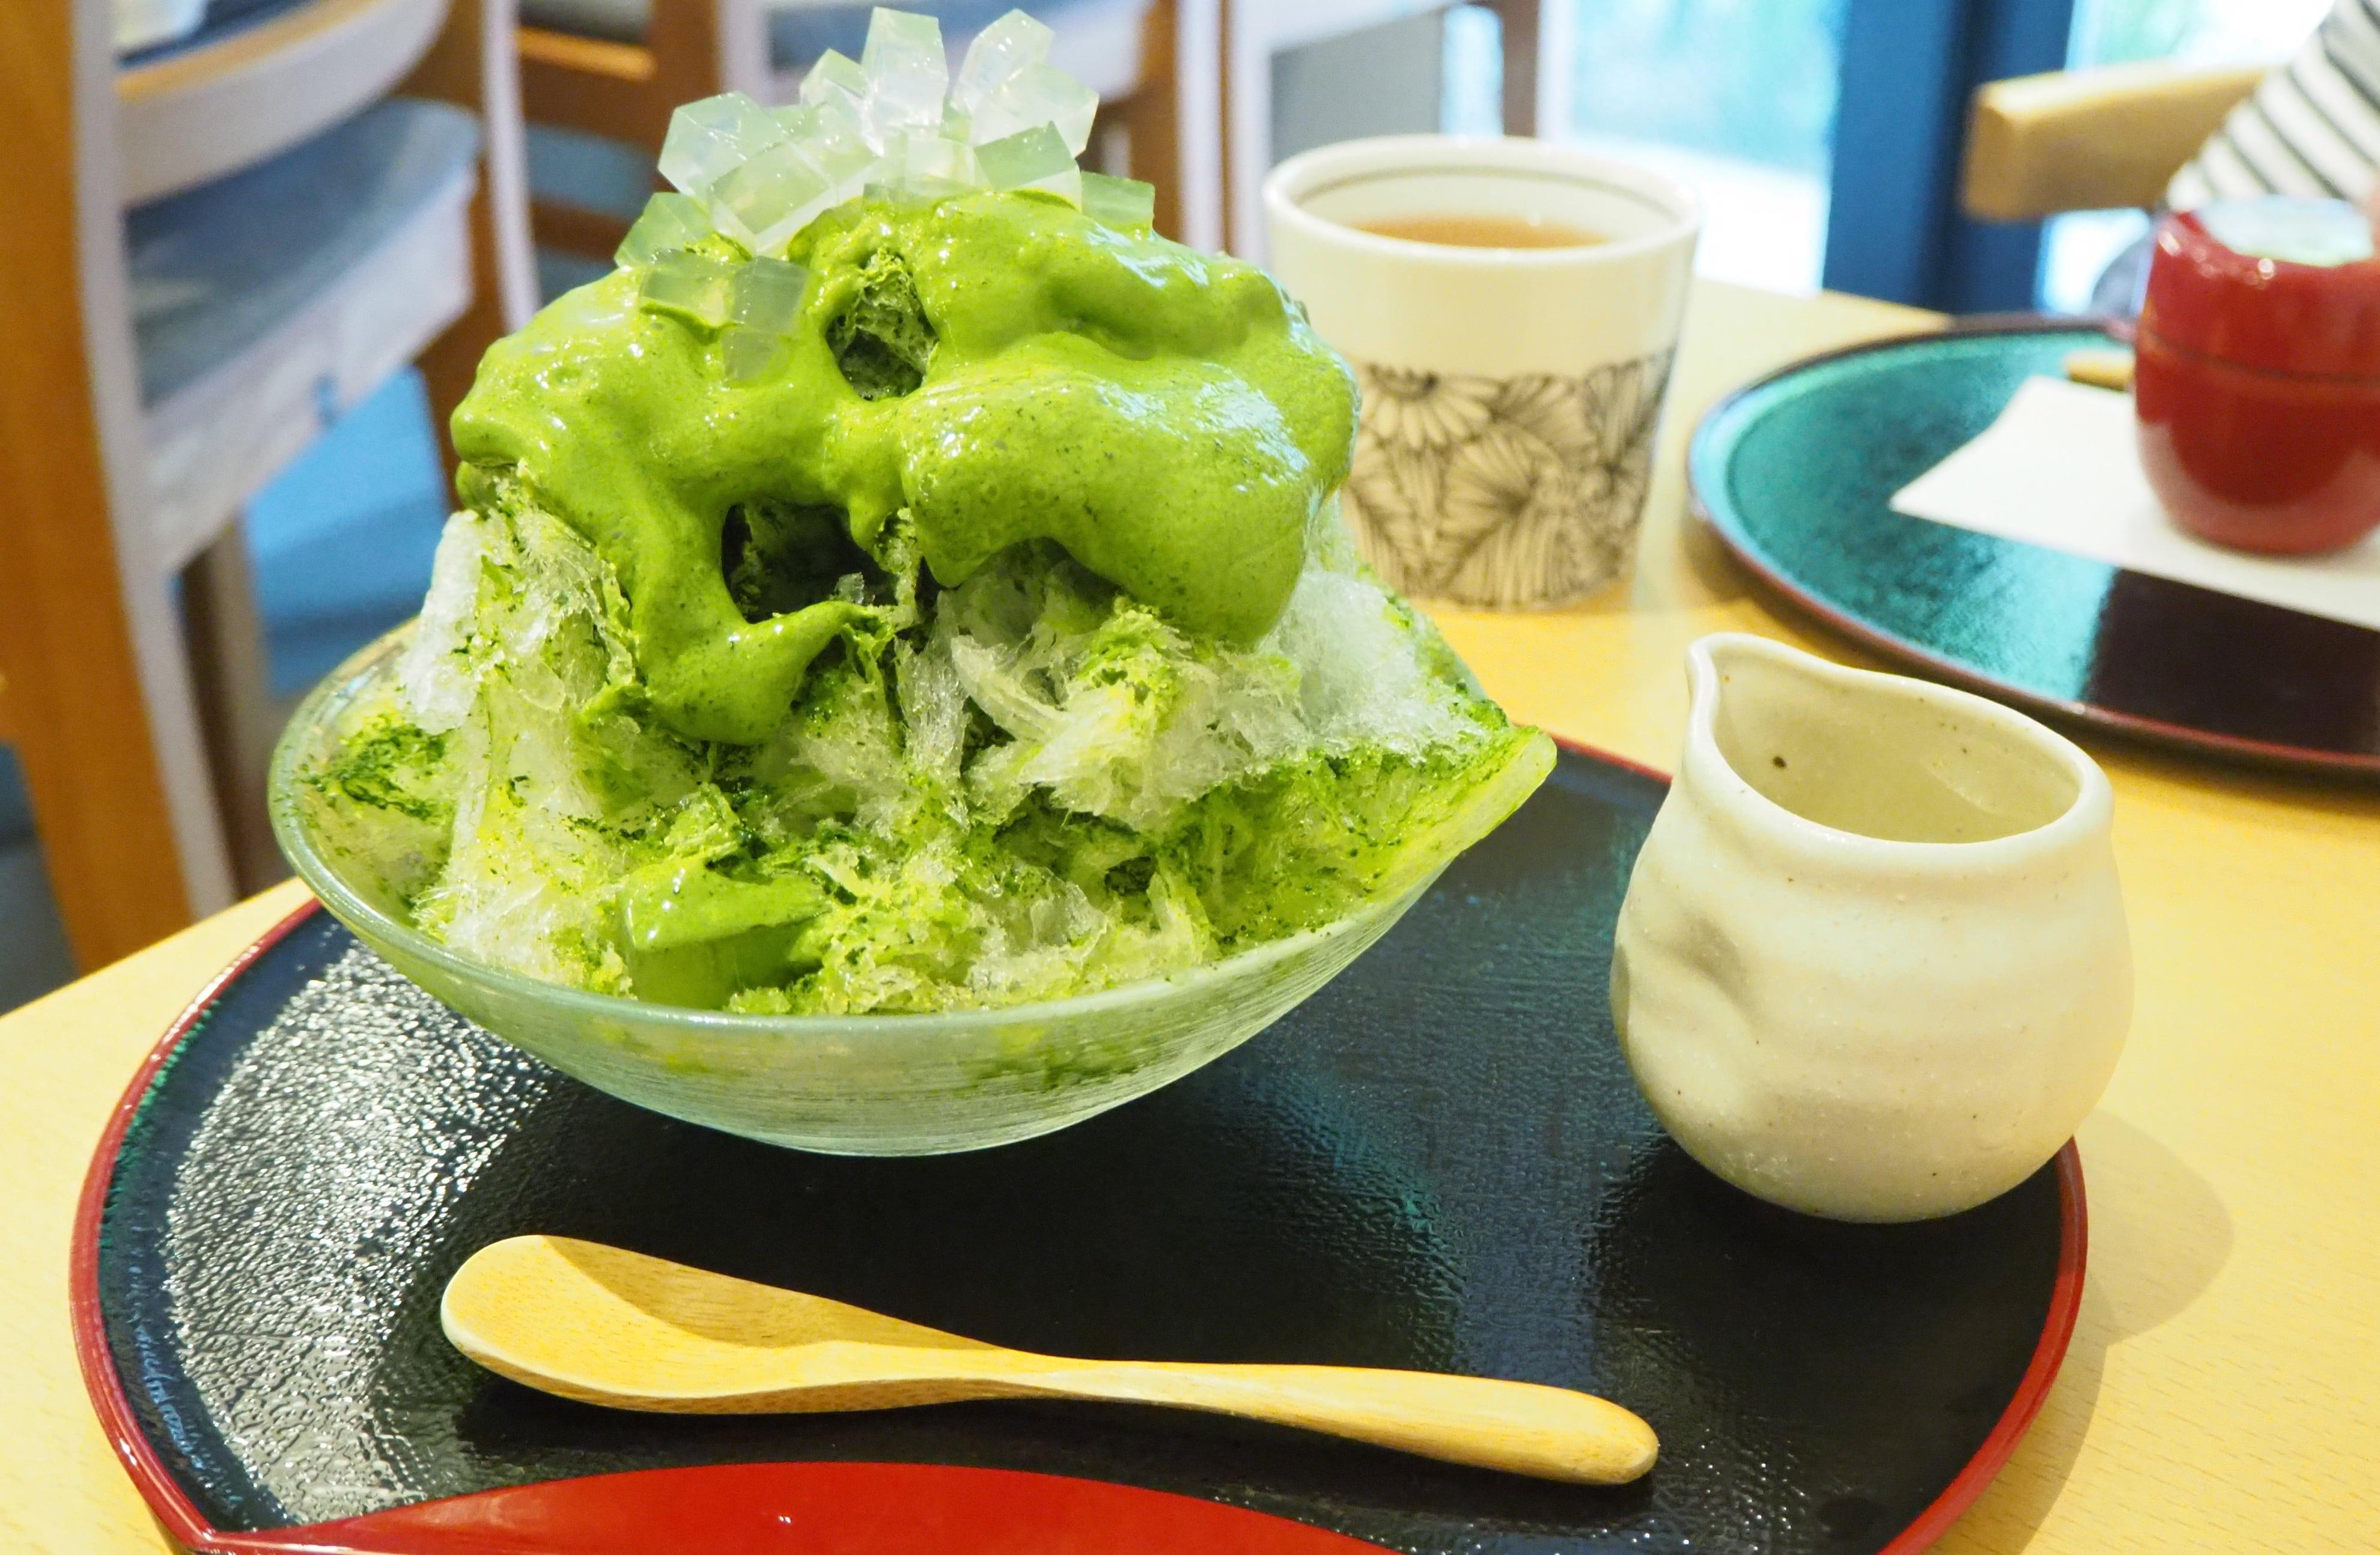 名古屋を代表する抹茶専門店「茶々助」で味わう、本格抹茶ティラミスやかき氷 - P6230159 min